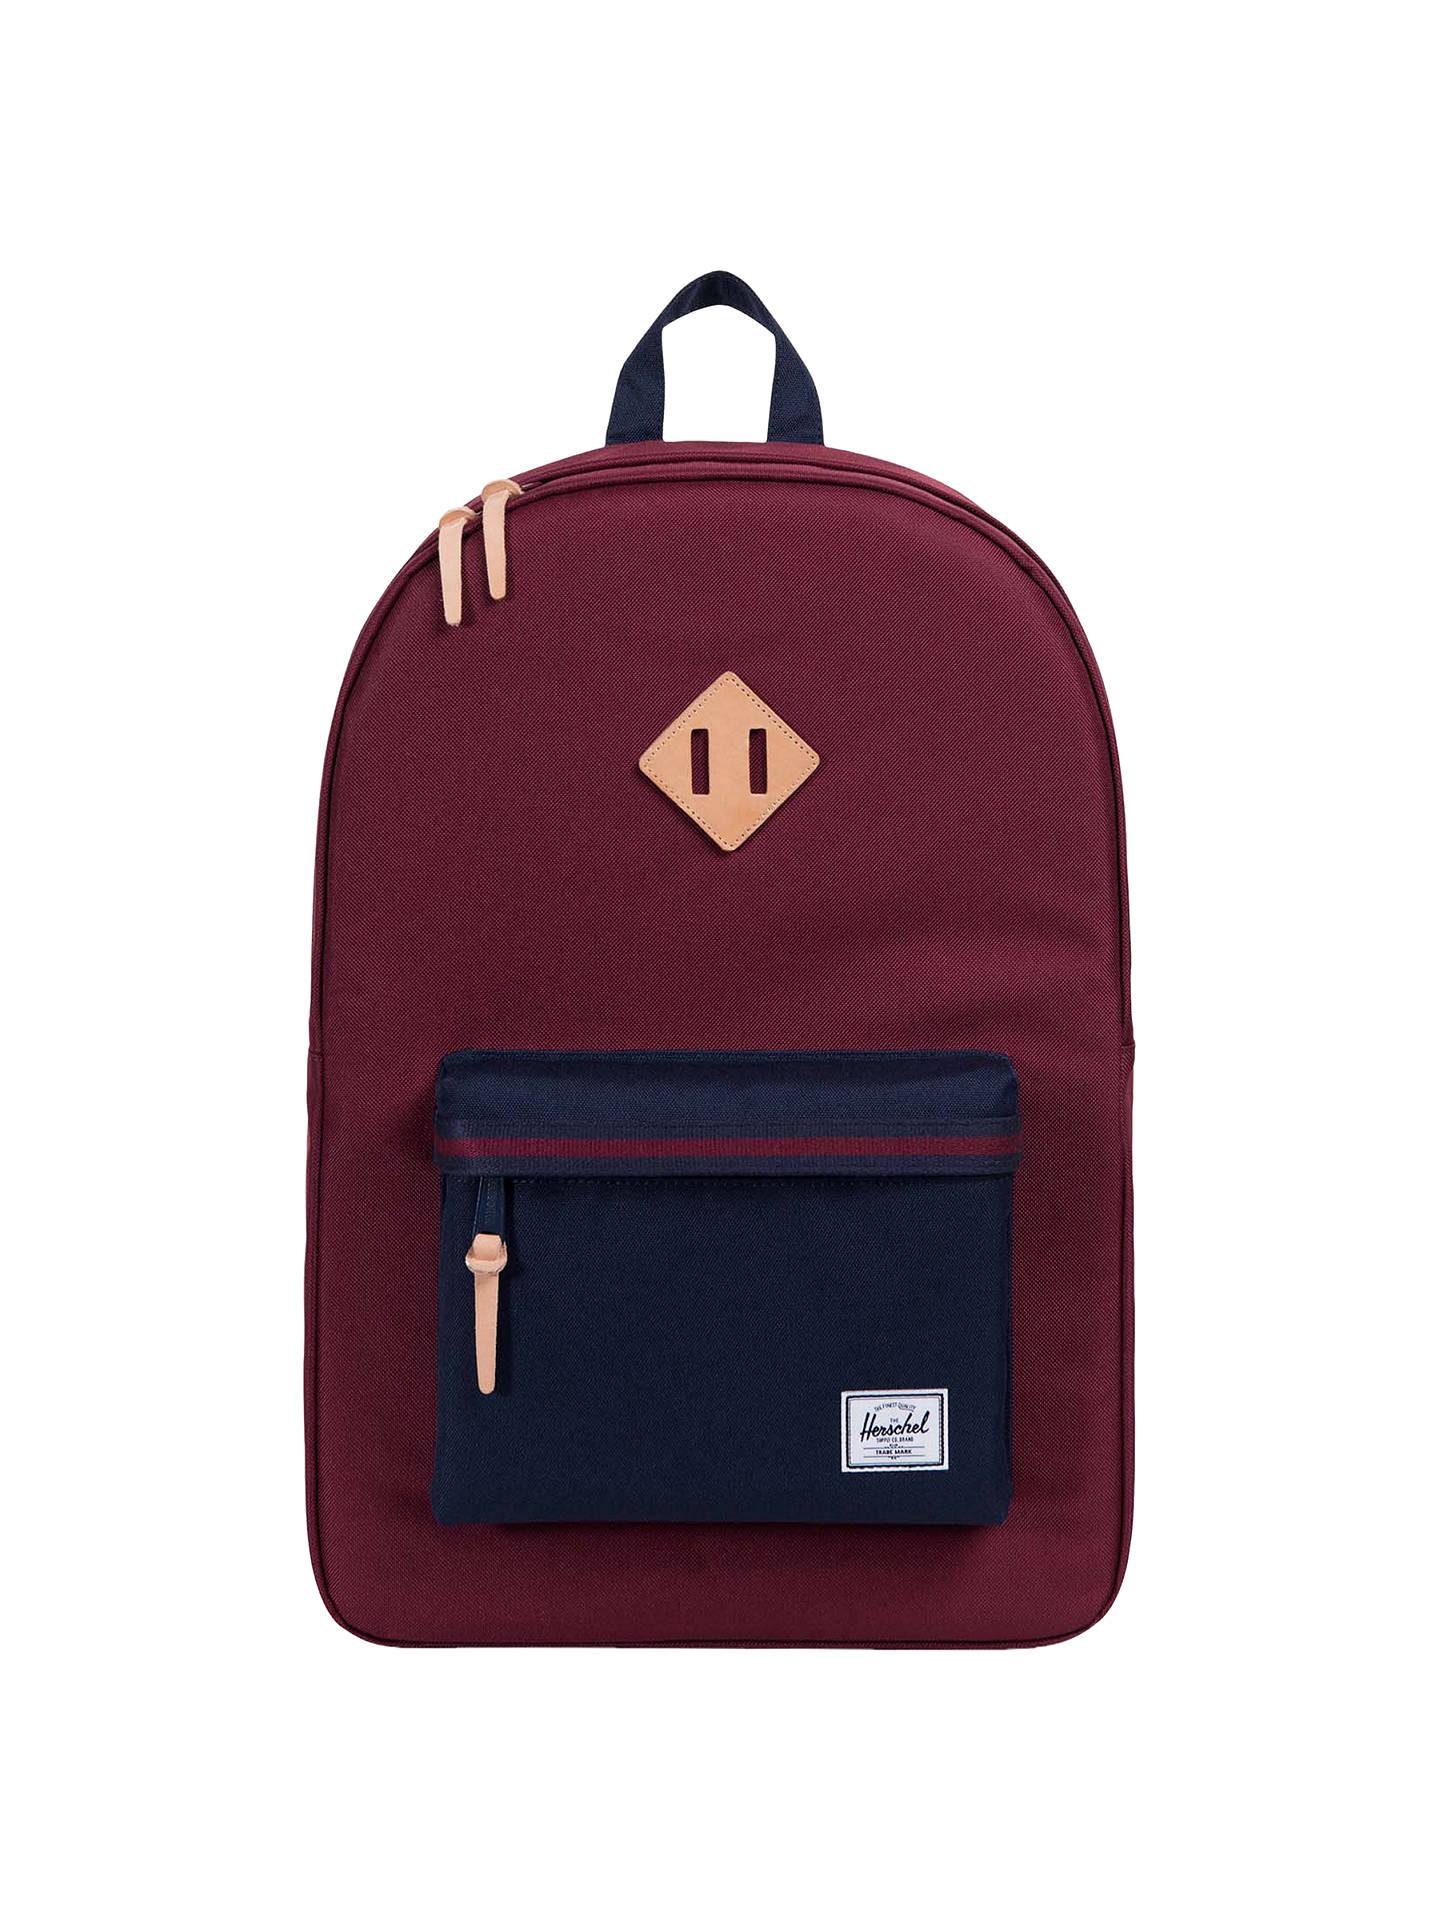 65271c8ece03 BuyHerschel Supply Co. Heritage Backpack